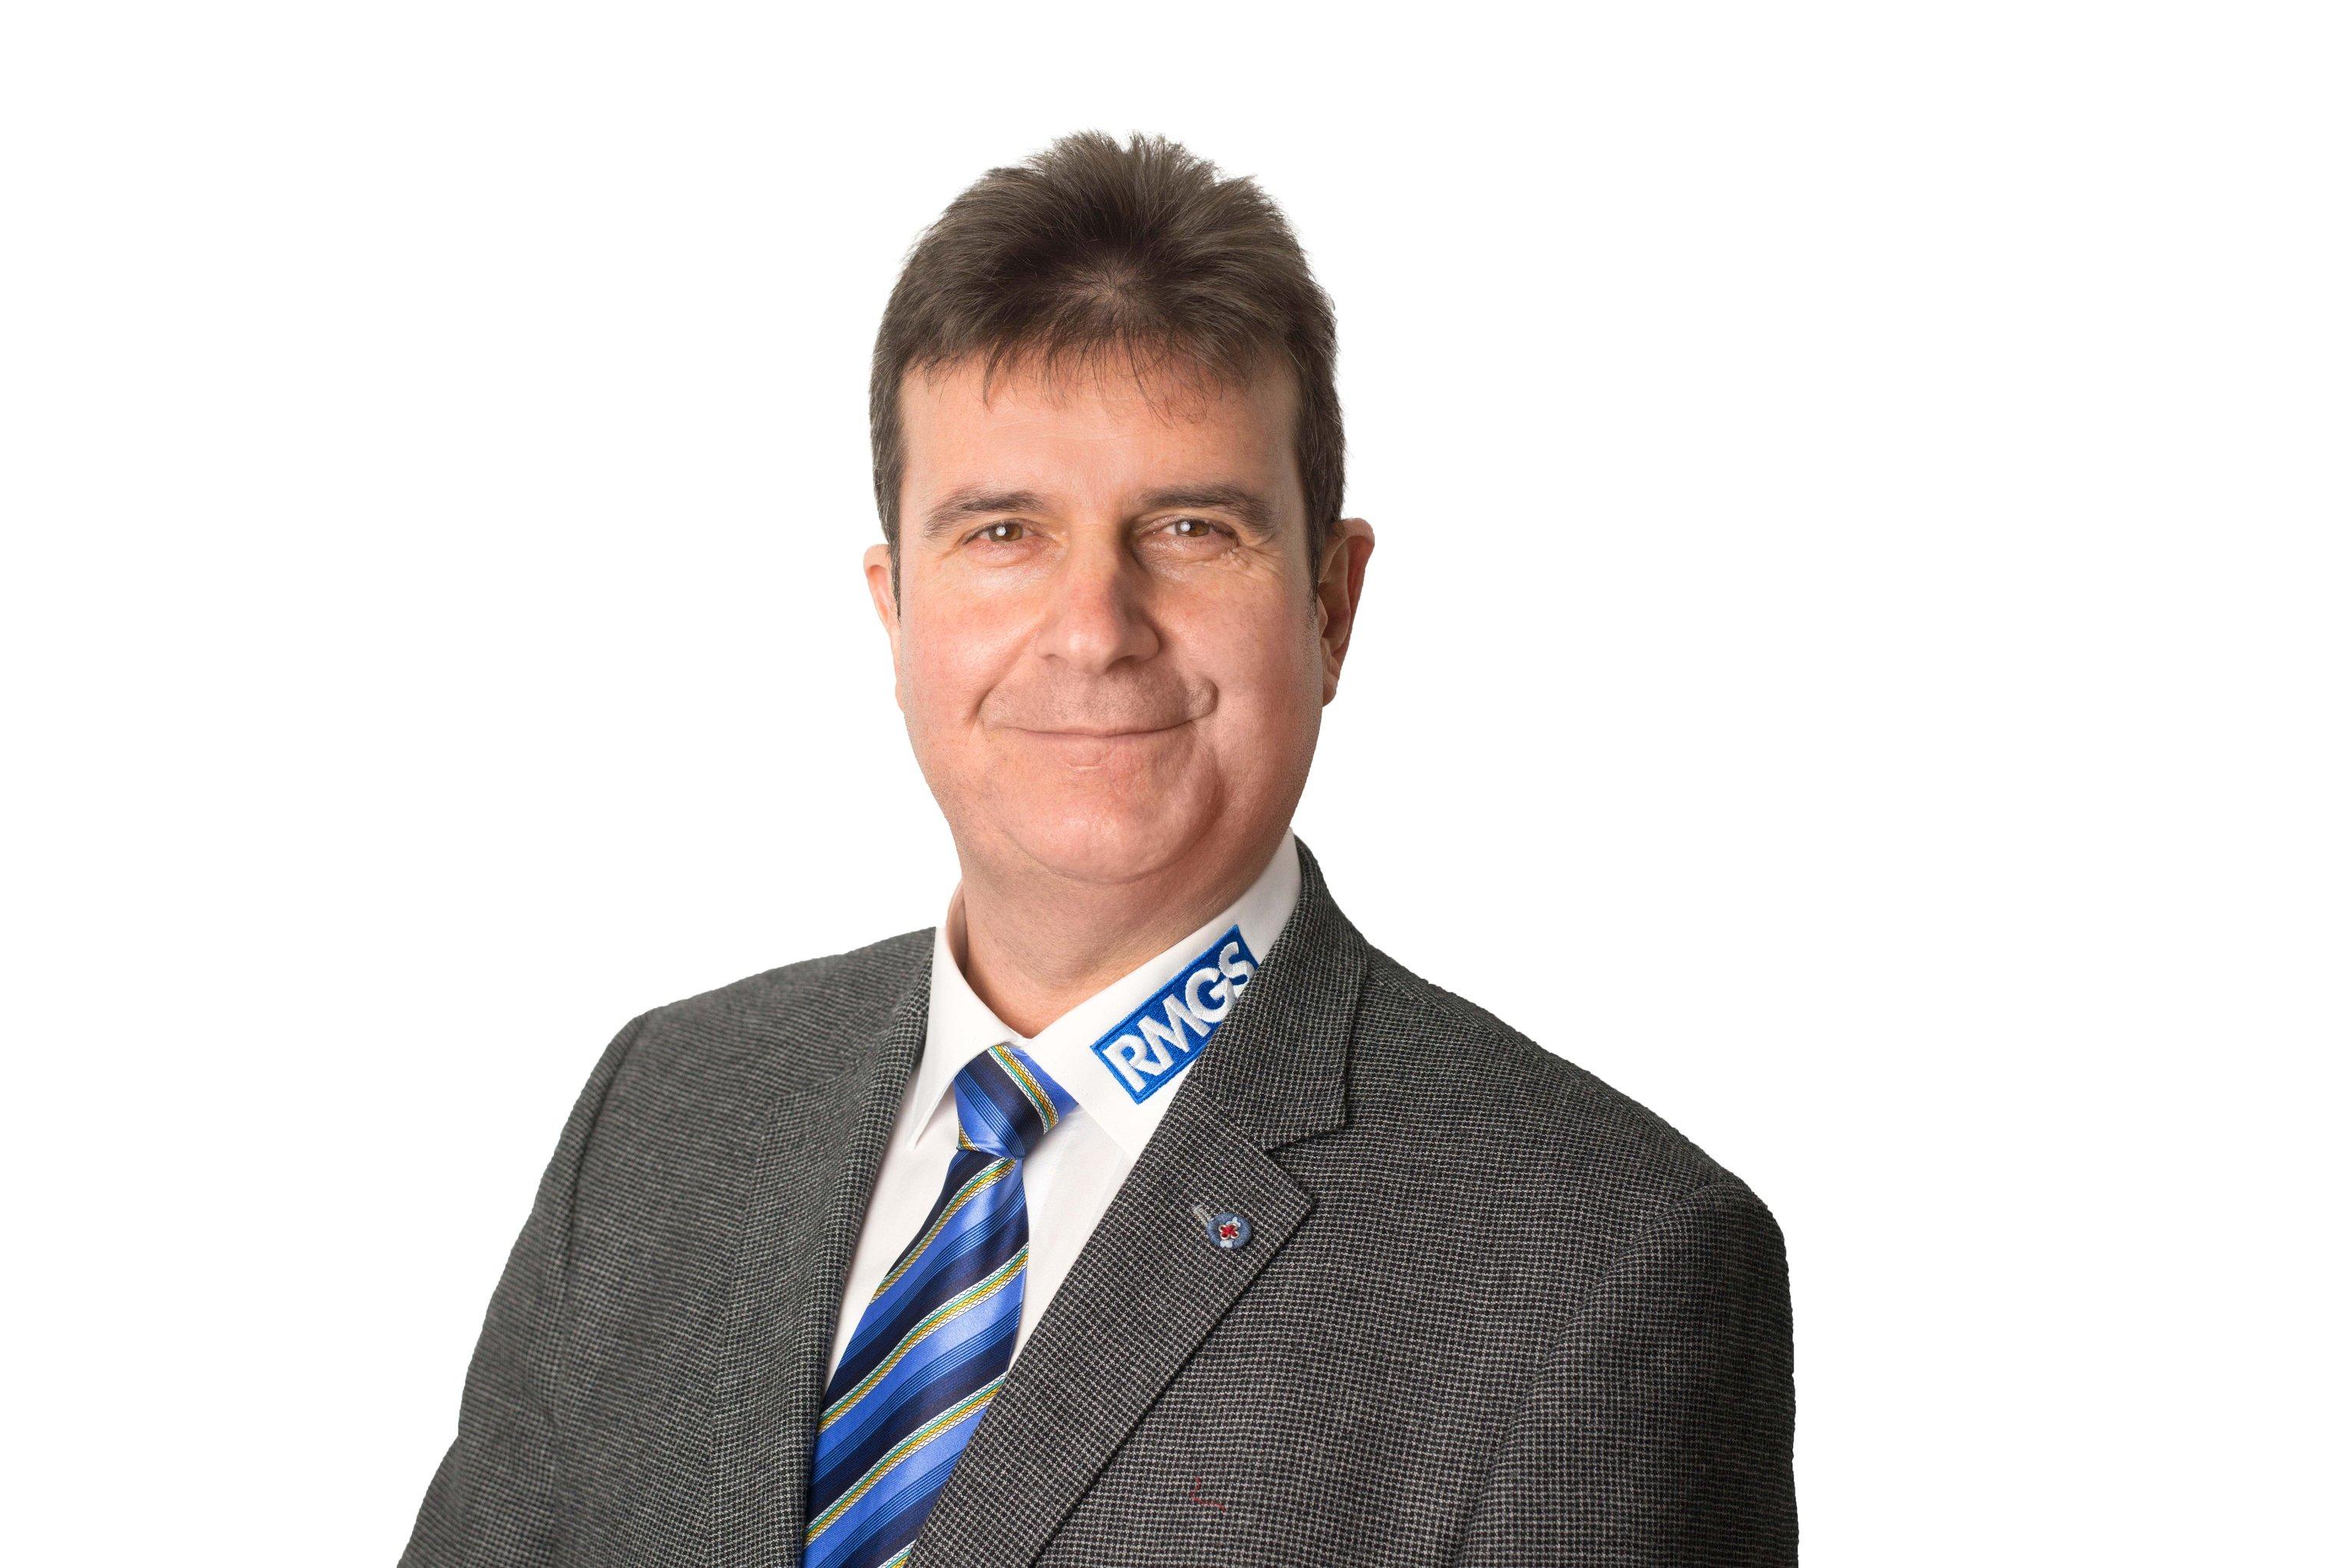 Bernd Schaub